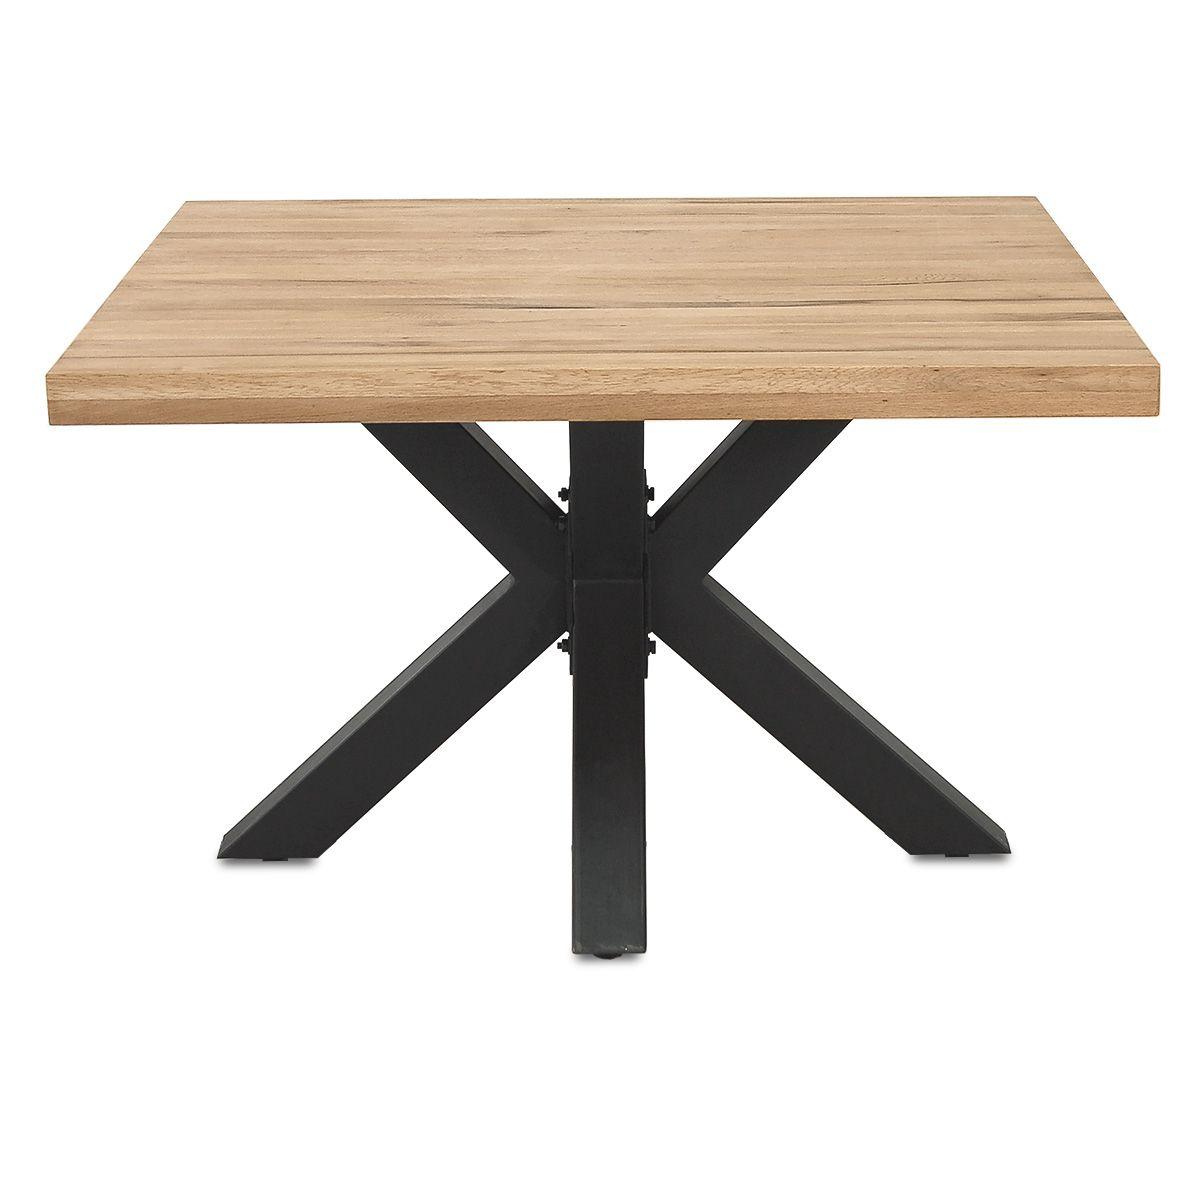 Esstisch Kapra Esstisch Esstisch Quadratisch Tisch